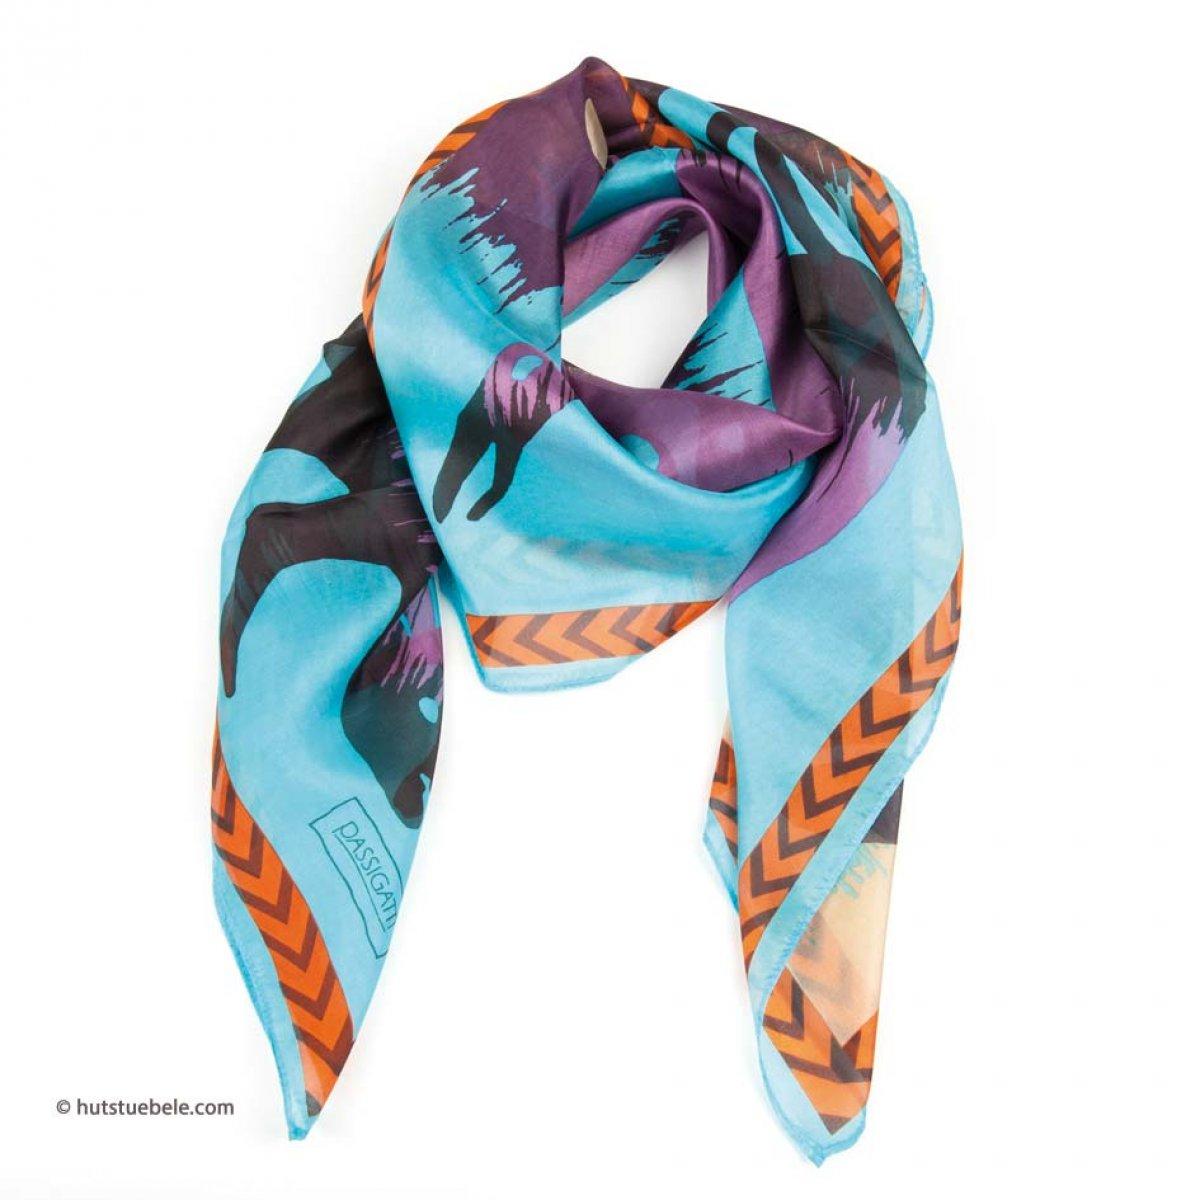 scarpe sportive 5e2f1 3d38d foulard in seta da donna di Passigatti